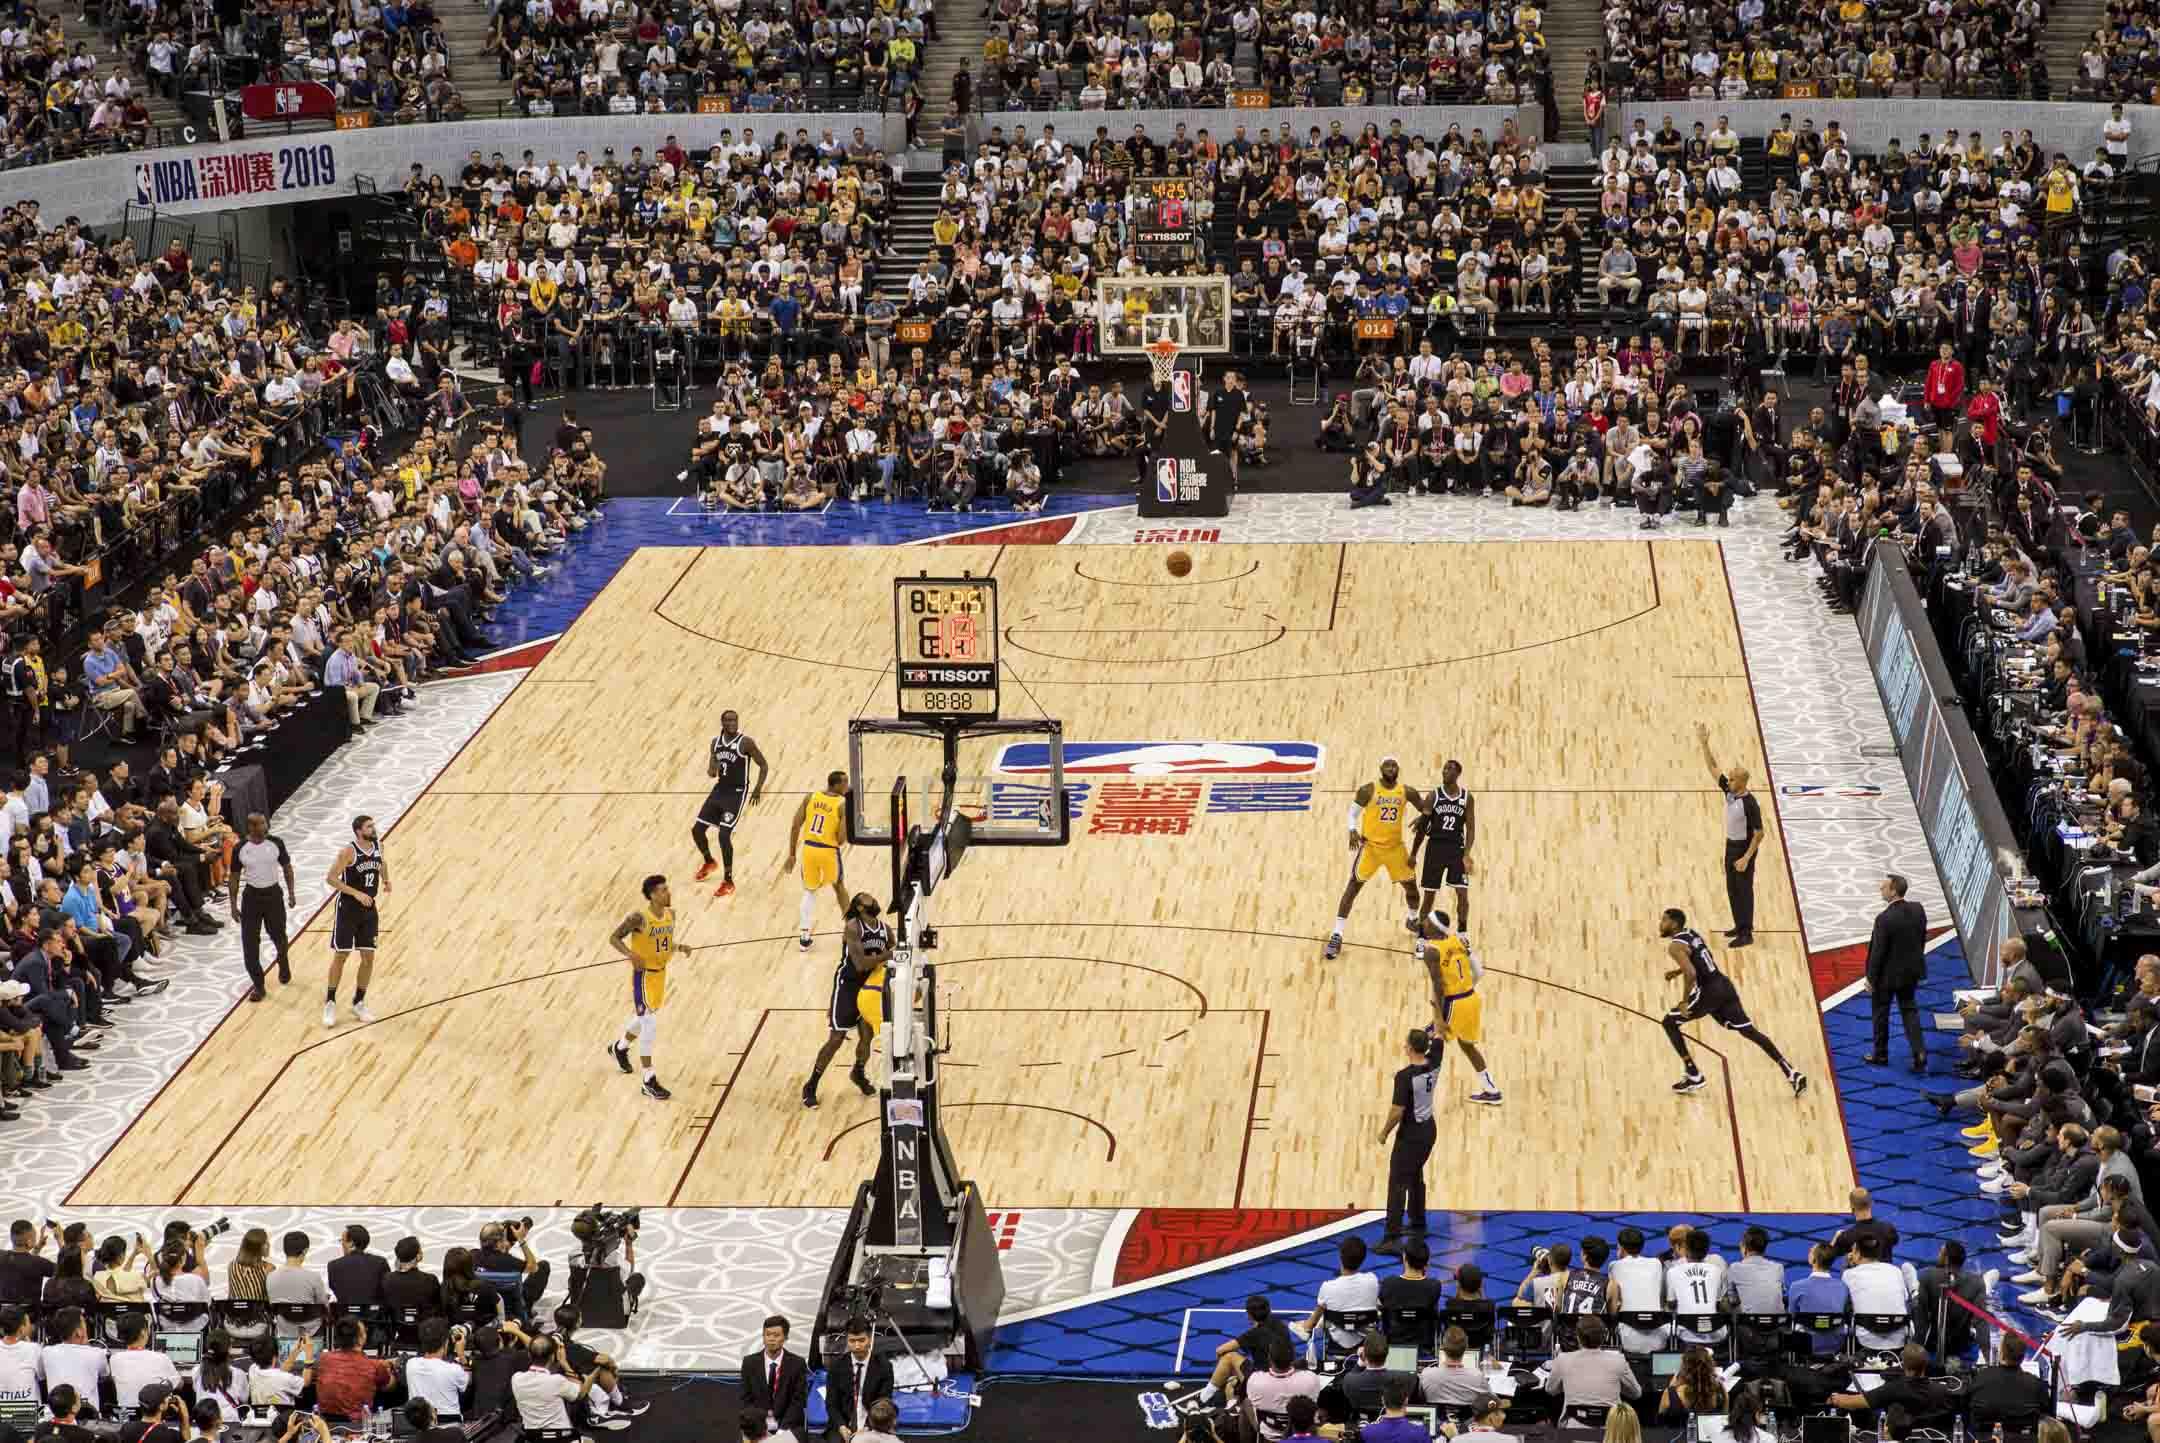 2019年10月12日,深圳舉辦的NBA中國賽洛杉磯湖人對陣布魯克林籃網隊,依然座無虛席,熱度不減。 攝:林振東/端傳媒